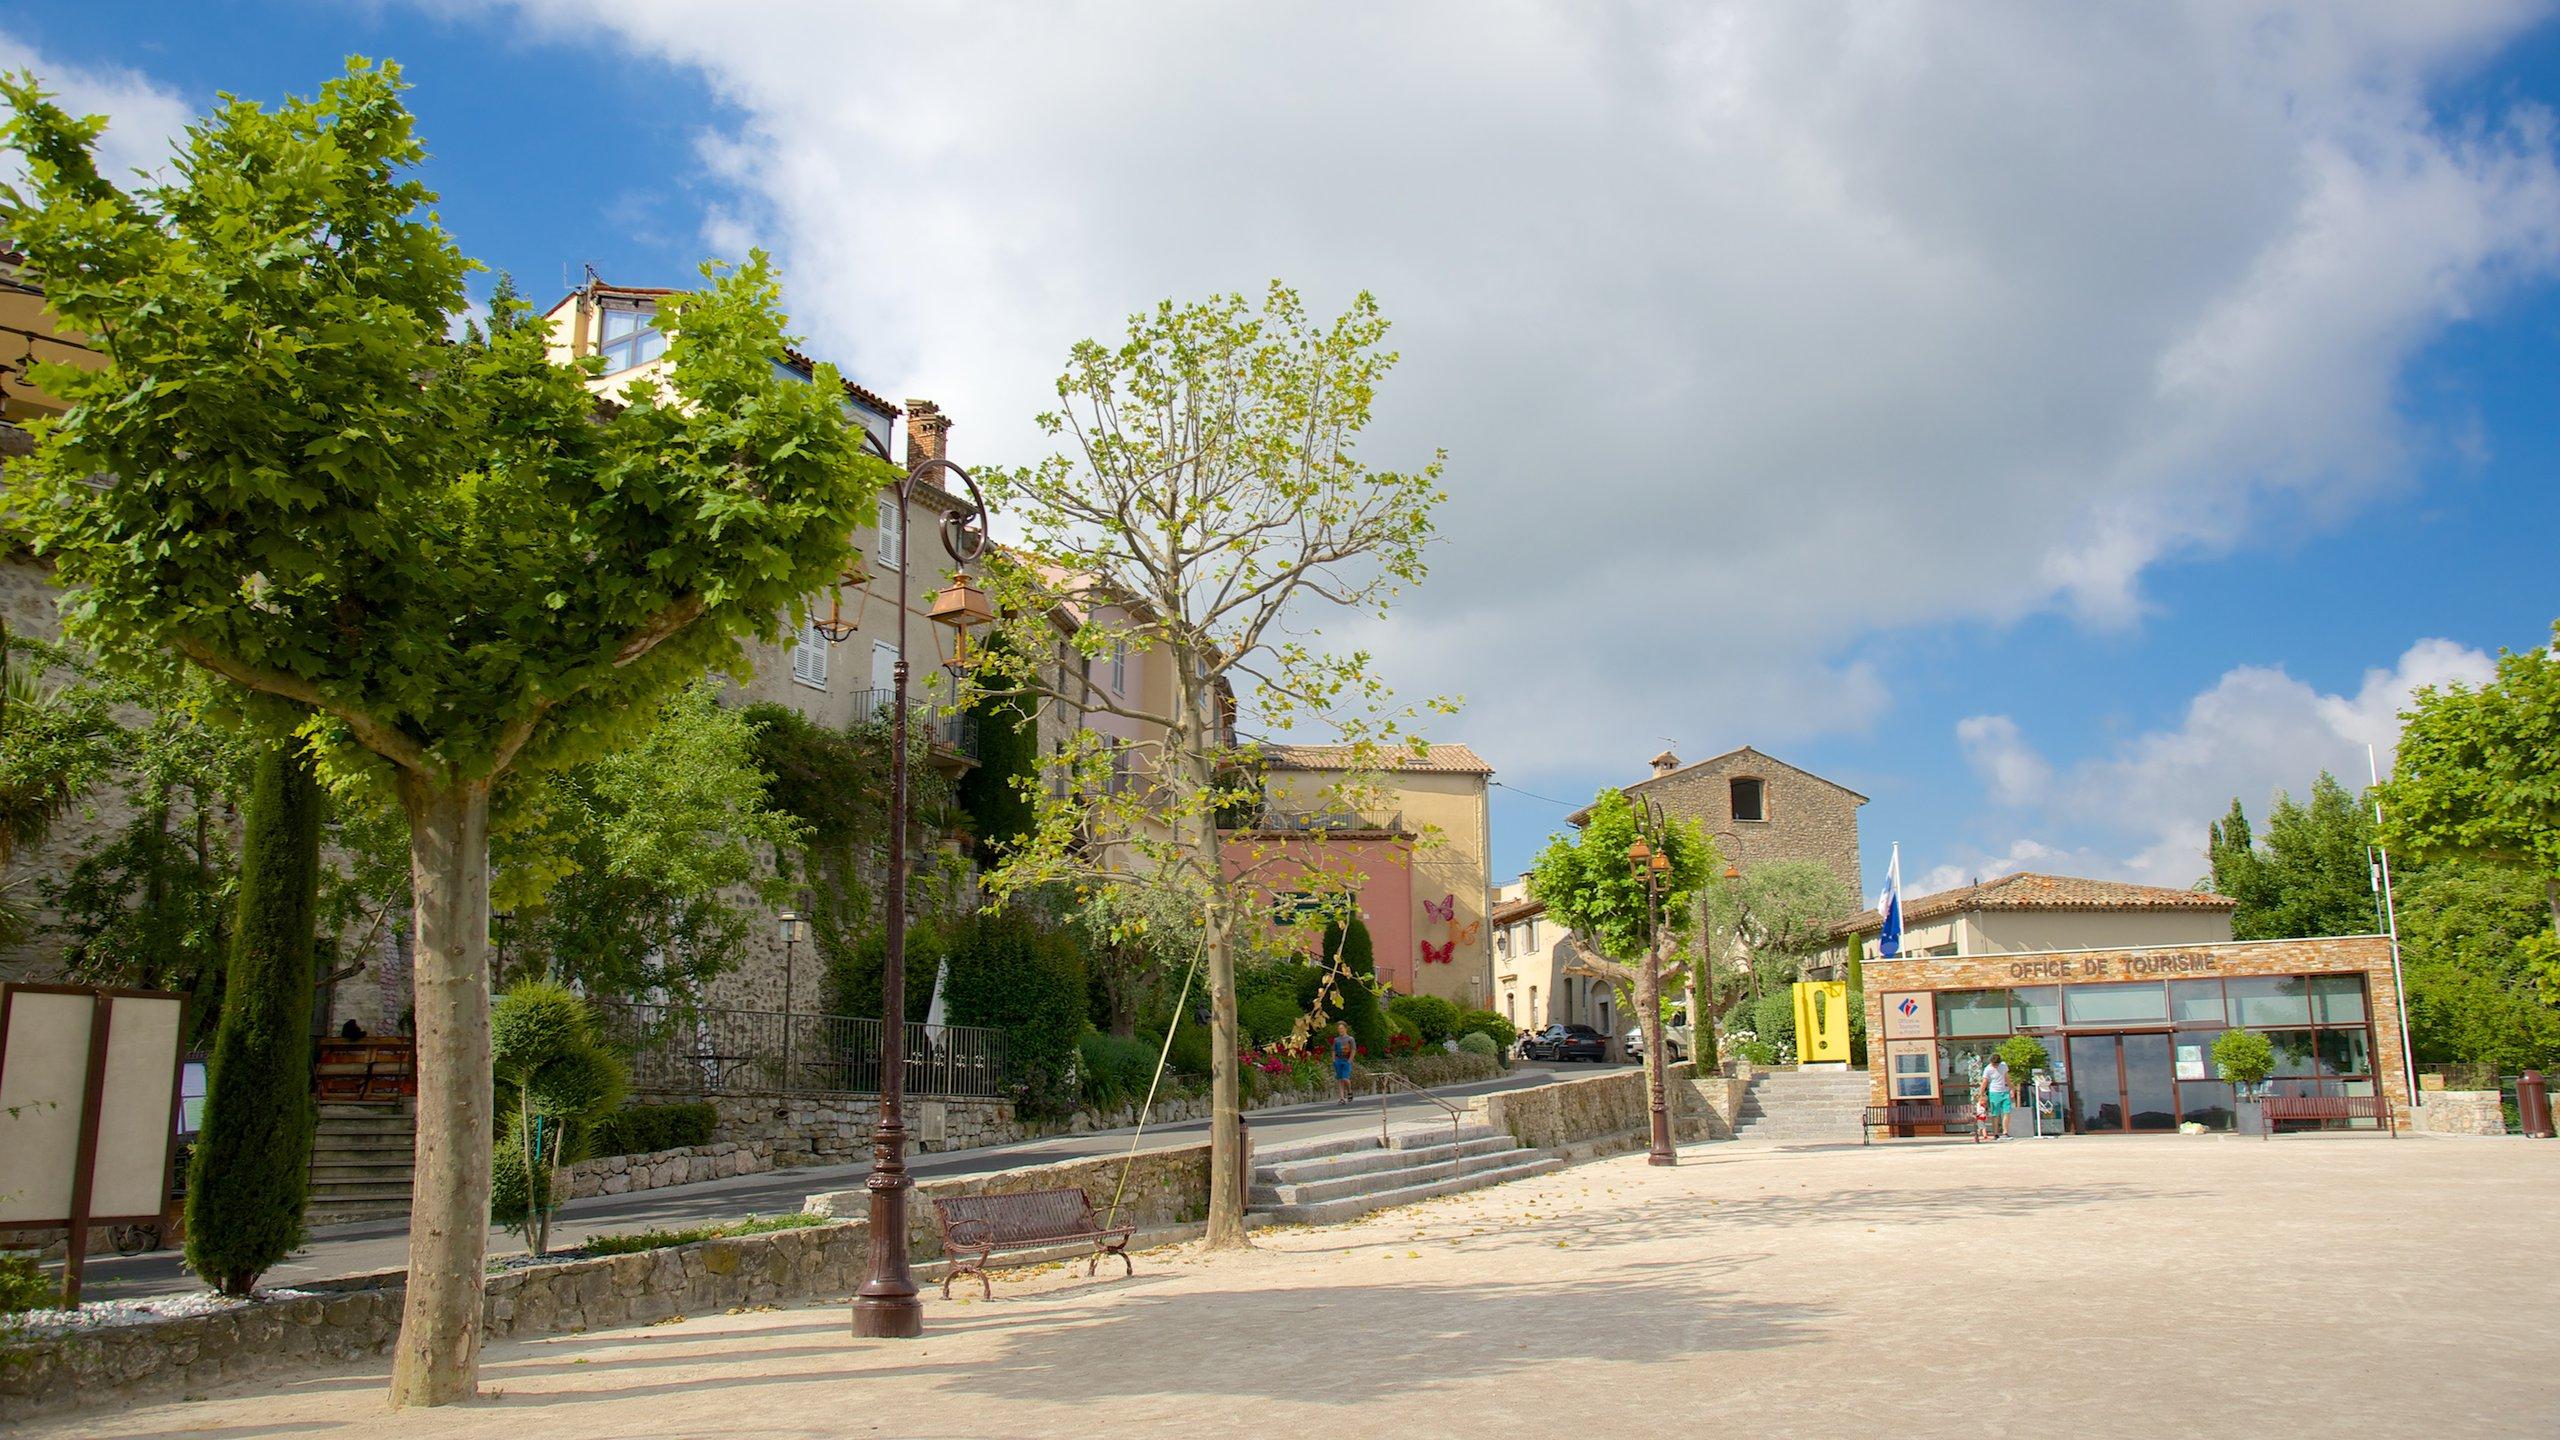 Centrum van Mougins, Mougins, Alpes-Maritimes, Frankrijk